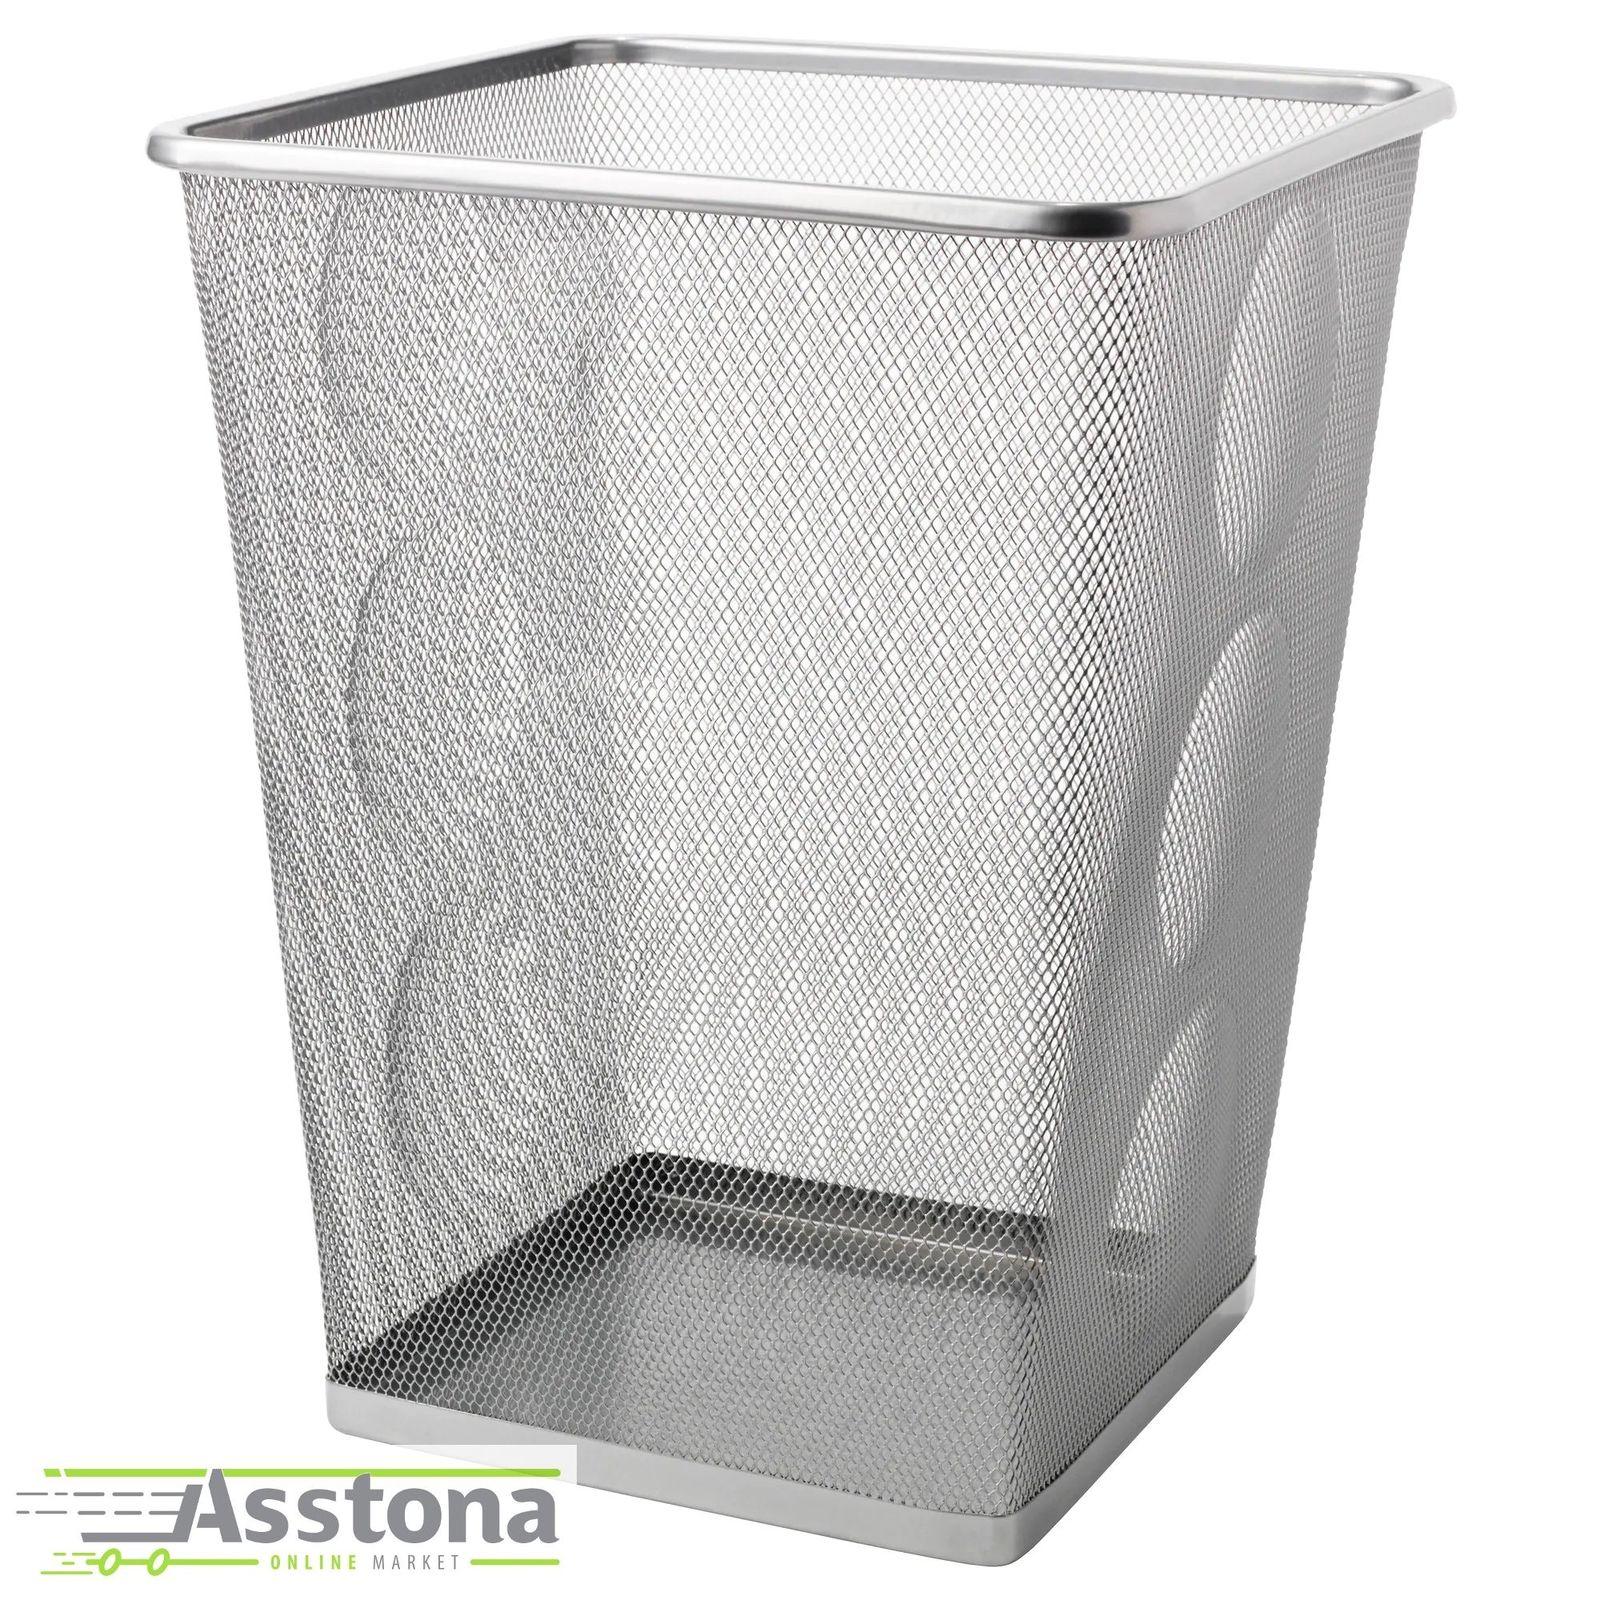 Full Size of Abfallbehälter Ikea Papierkorb Mlleimer Metall Arbeitszimmer Bro Kinderzimmer Küche Kosten Miniküche Modulküche Sofa Mit Schlaffunktion Betten Bei 160x200 Wohnzimmer Abfallbehälter Ikea